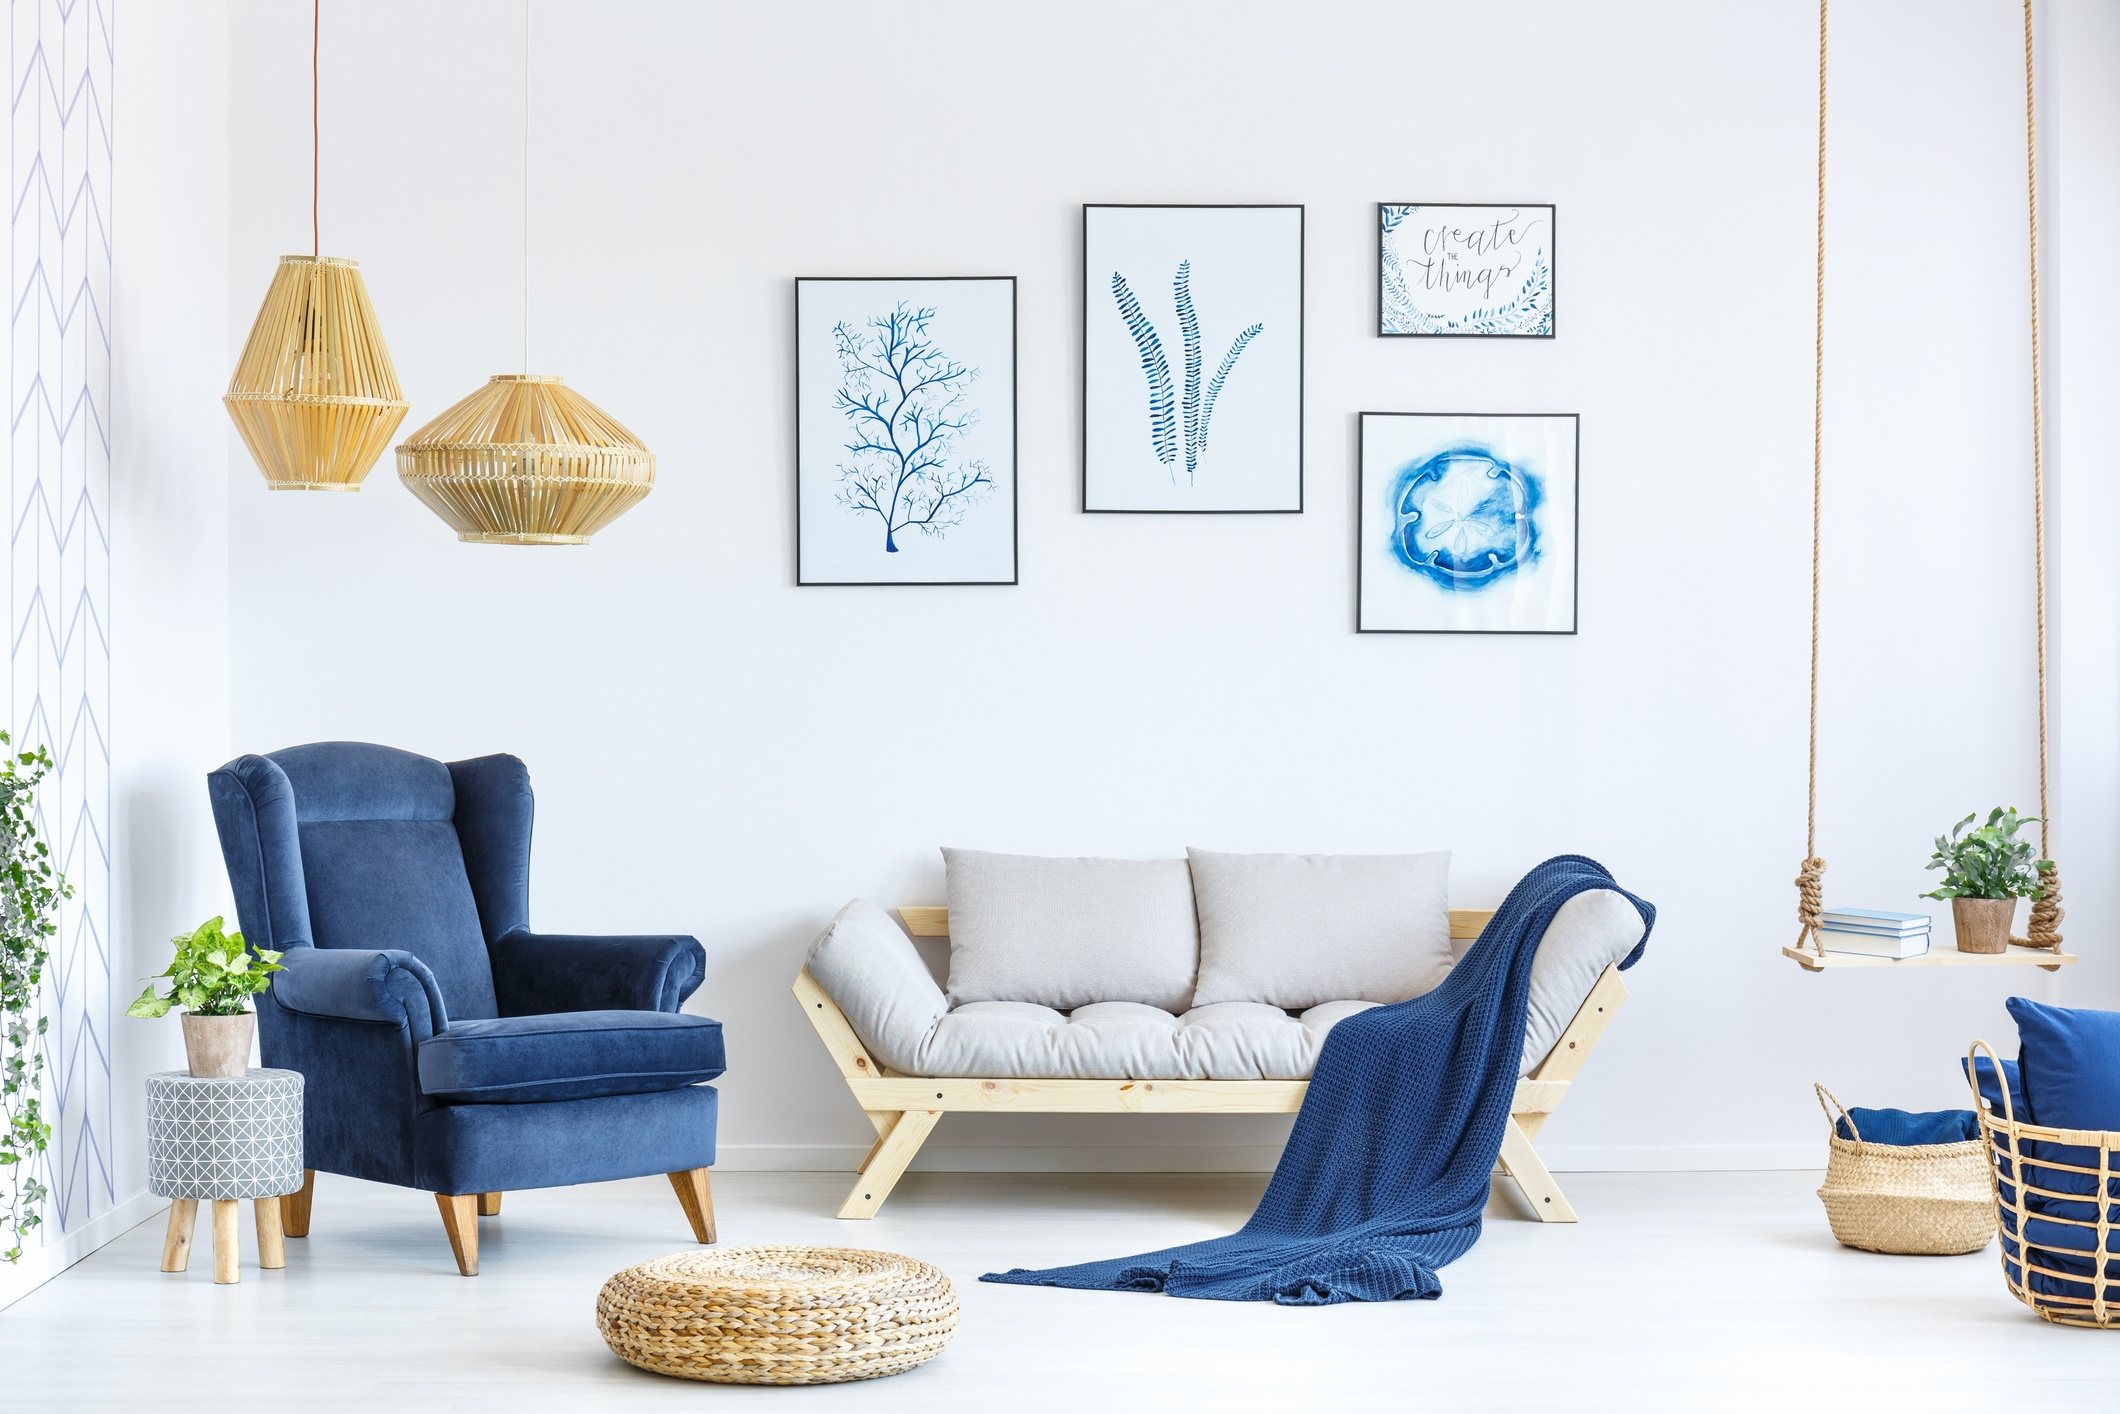 Living room with blue velvet chair